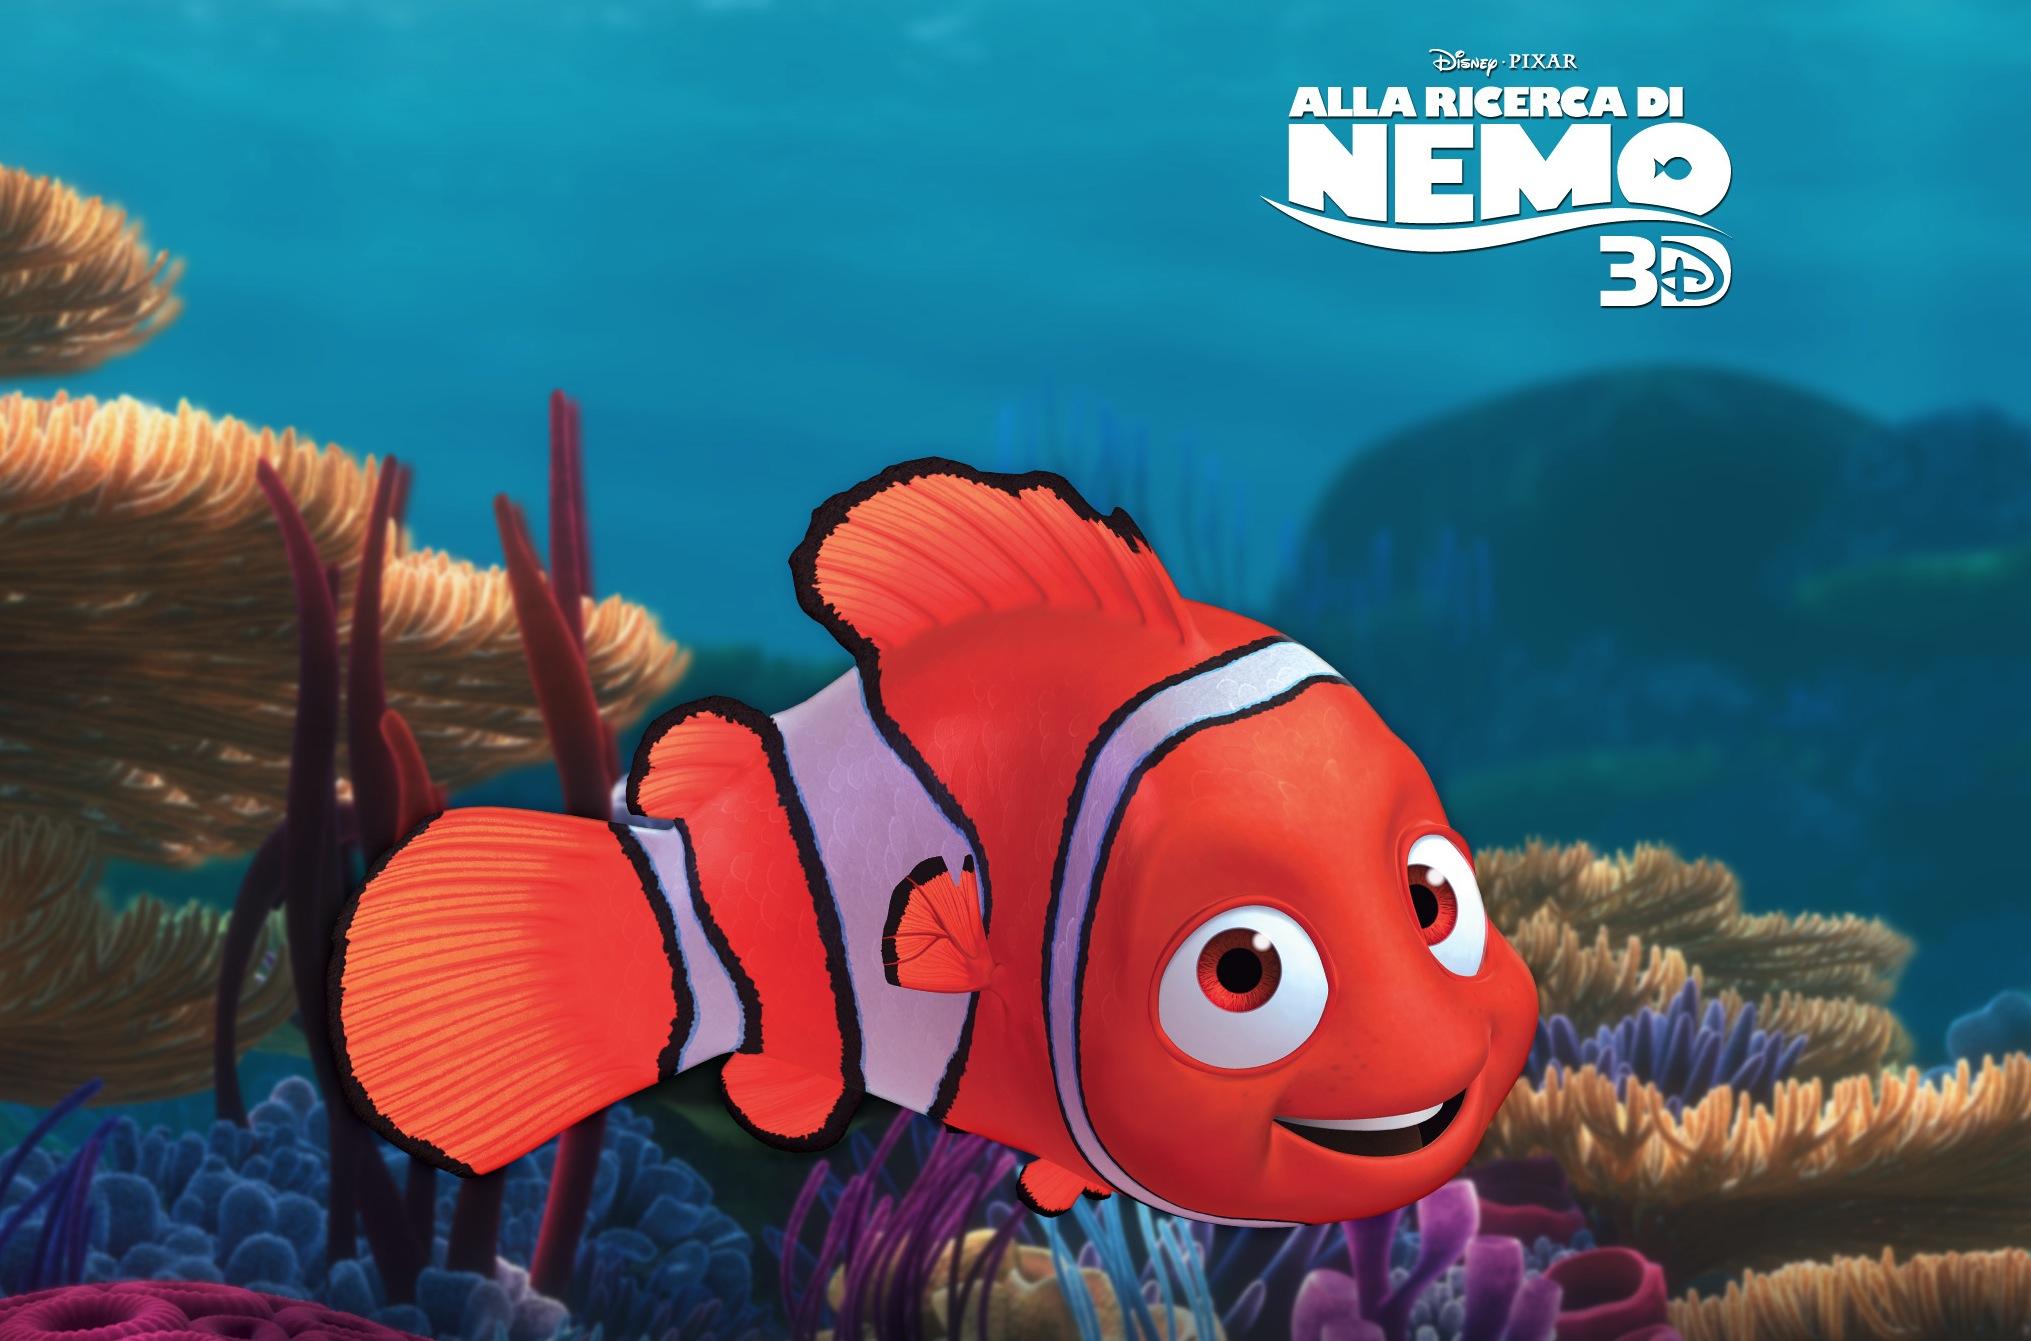 pesci che risale un altro pesci